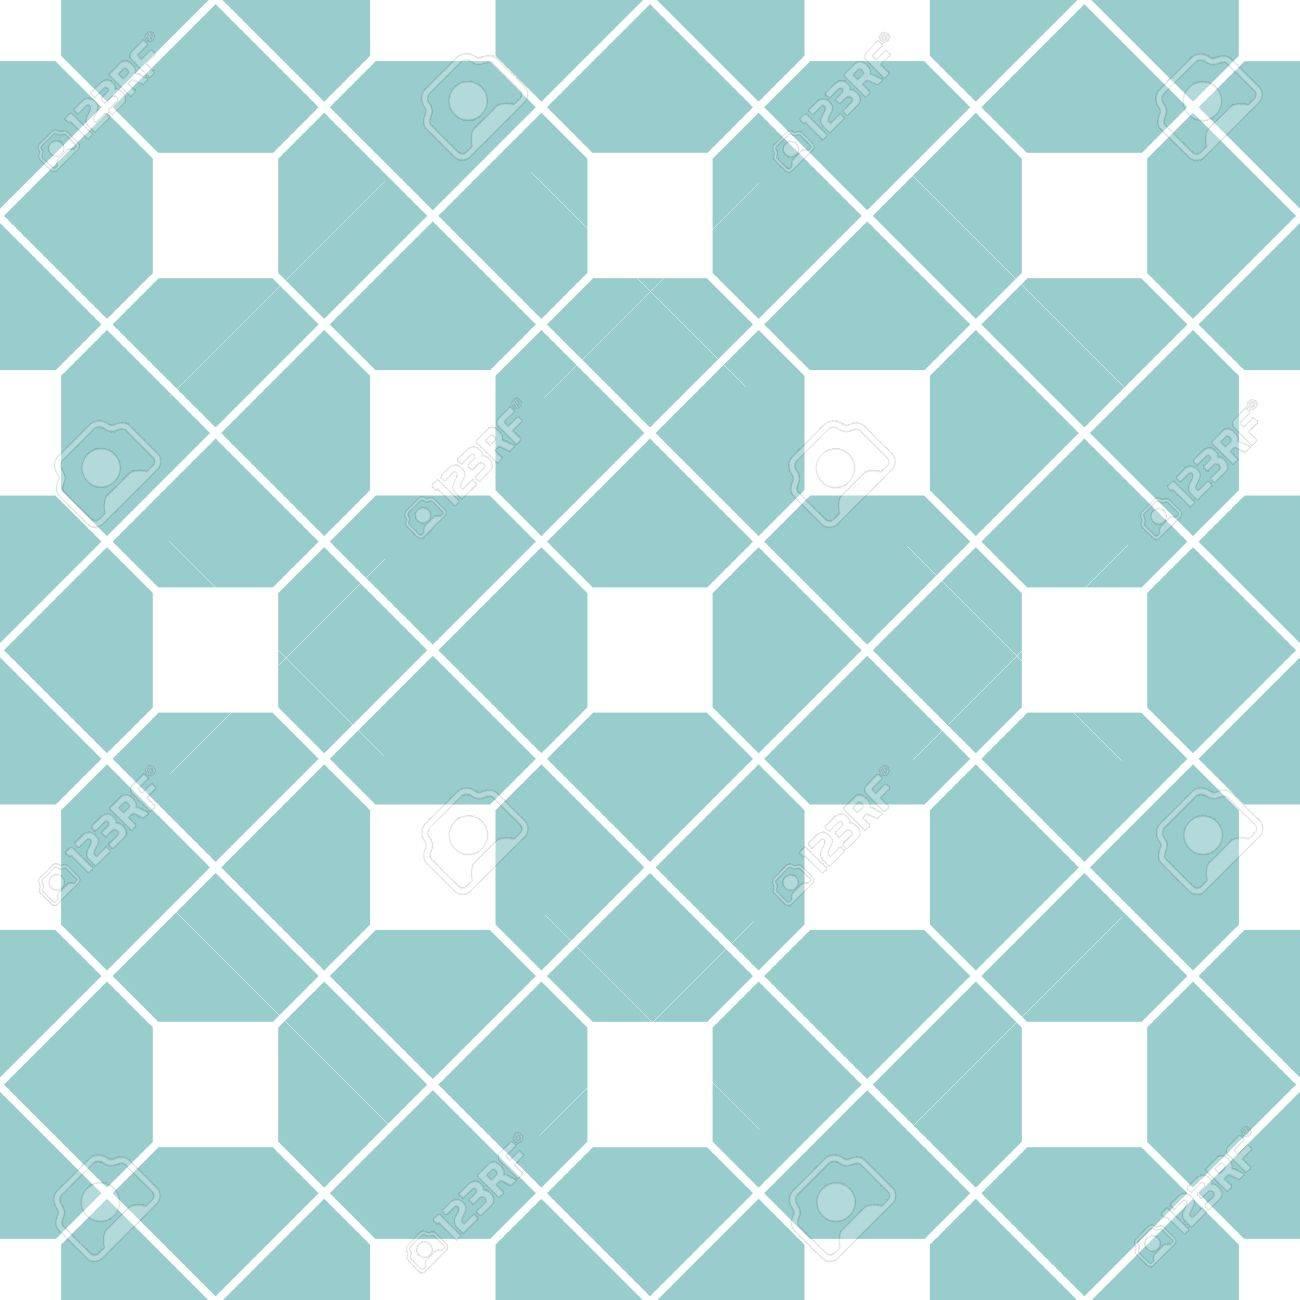 市松模様のタイル パターンやミント グリーンと白の壁紙の背景の